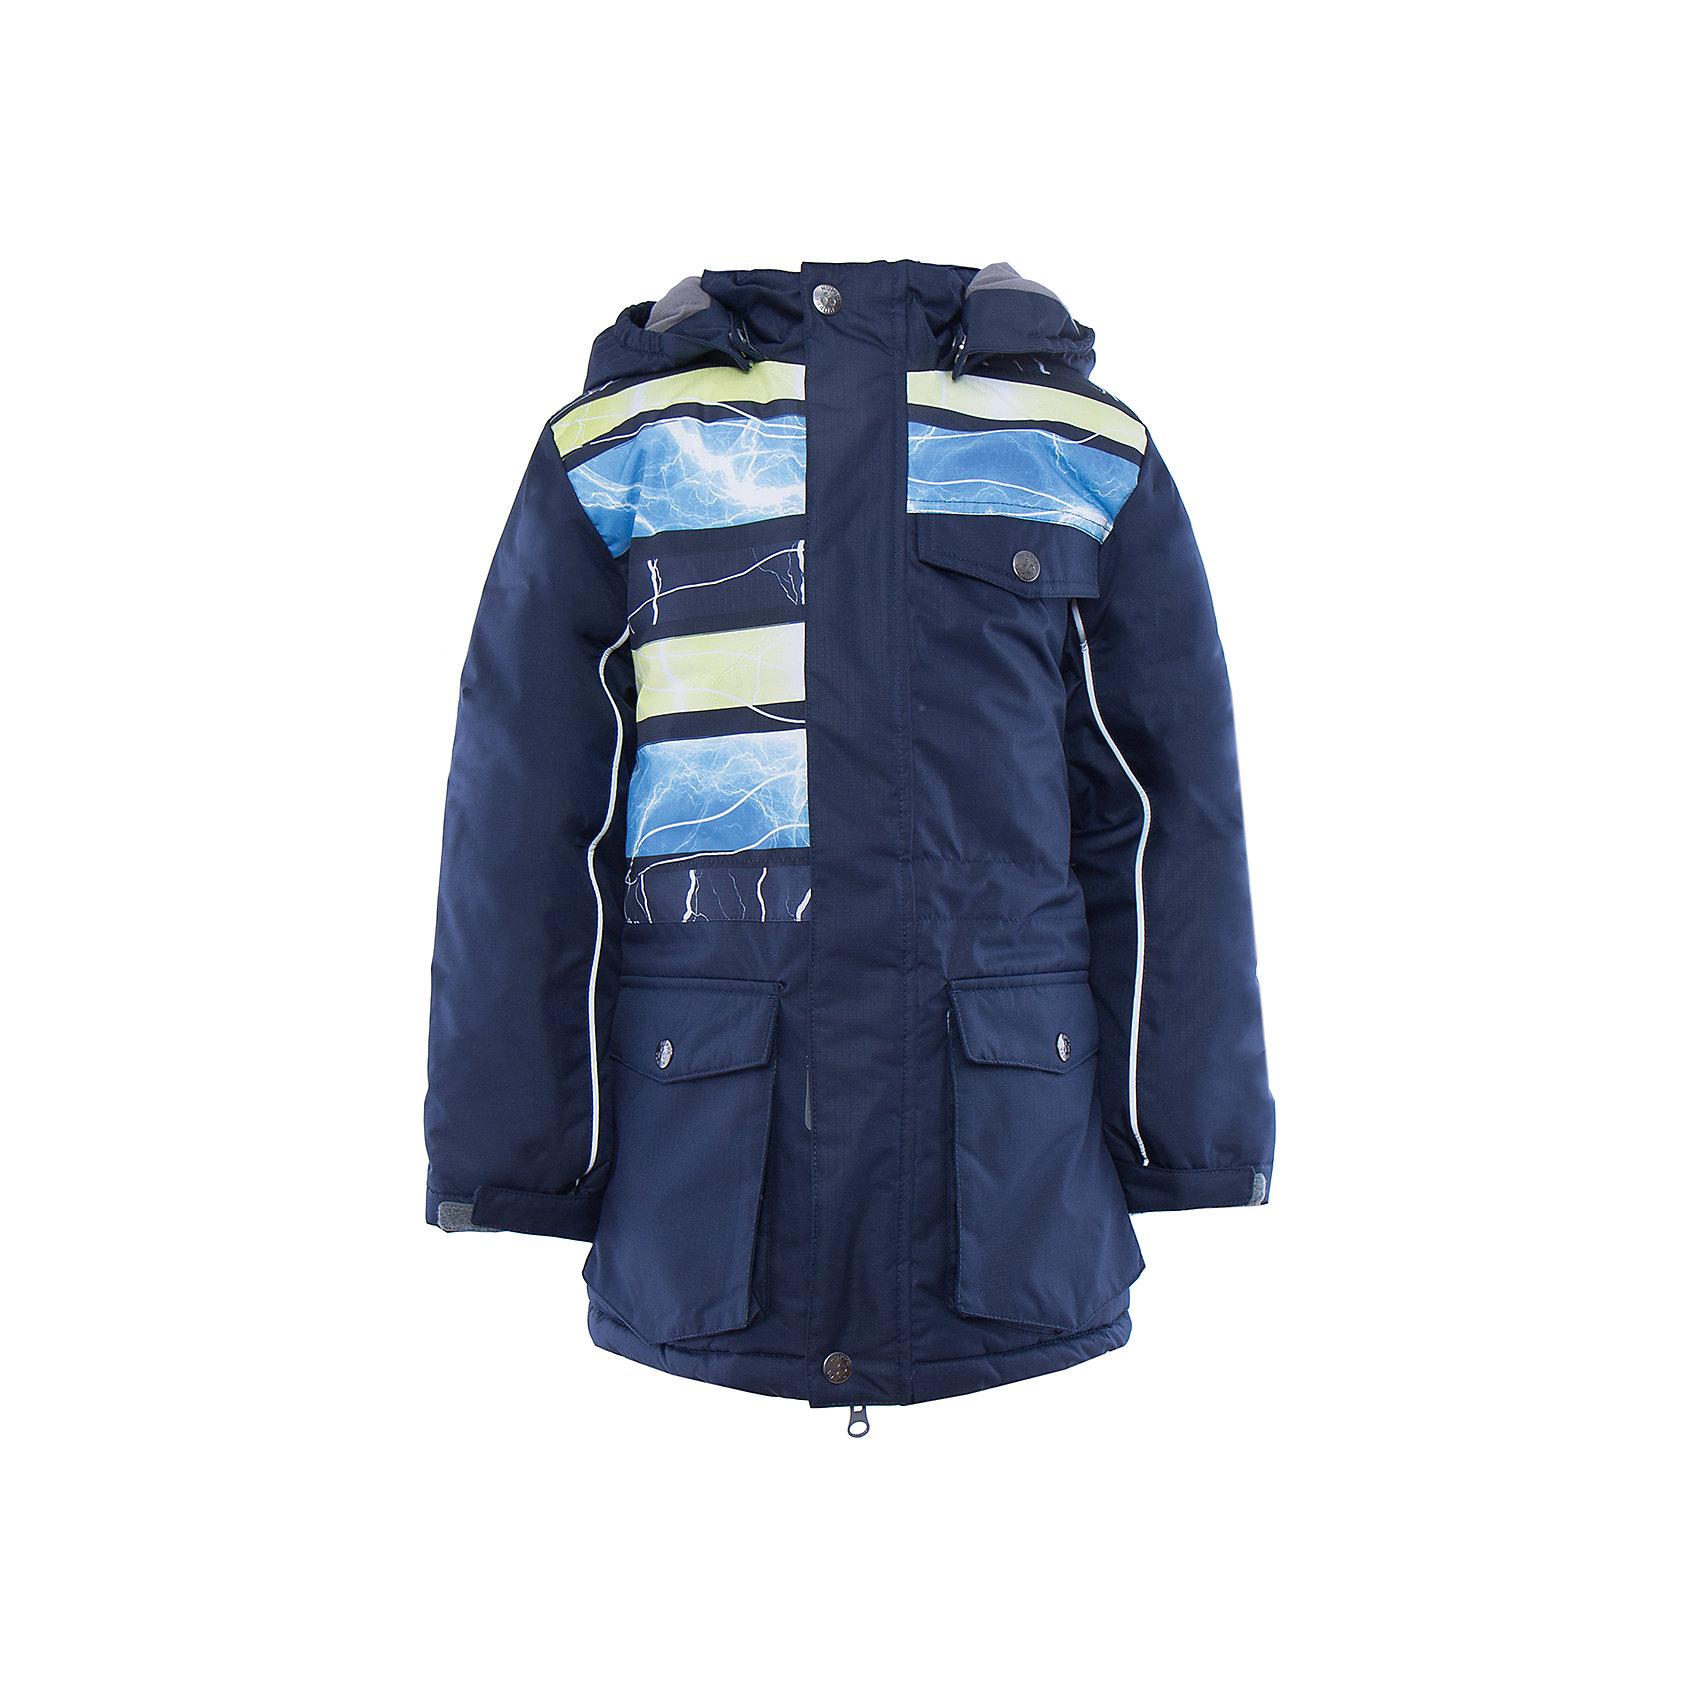 Куртка   для мальчика HuppaВерхняя одежда<br>Стильная куртка AMIKA Huppa(Хуппа).<br><br>Утеплитель: 100% полиэстер, 300 гр.<br><br>Температурный режим: до -30 градусов. Степень утепления – высокая. <br><br>* Температурный режим указан приблизительно — необходимо, прежде всего, ориентироваться на ощущения ребенка. Температурный режим работает в случае соблюдения правила многослойности – использования флисовой поддевы и термобелья.<br><br>Изготовлена из  качественных прочных материалов. Благодаря специальной мембране, холодный воздух и вода не проникнут под одежду, а лишняя влага, выделяемая телом, не задержится под одеждой. Швы куртки проклеены водоустойчивой лентой. Резинки на талии и манжетах препятствуют попаданию снега. Куртка имеет 3 кармана на кнопках, удобный капюшон и светоотражающие полоски. В этой куртке прогулки пройдут в тепле и сухости!<br><br>Дополнительная информация:<br>Материал: 100% полиэстер<br>Подкладка: тафта, pritex - 100% полиэстер<br>Цвет: темно-синий <br><br>Вы можете приобрести куртку AMIKA Huppa(Хуппа) в нашем интернет-магазине.<br><br>Ширина мм: 356<br>Глубина мм: 10<br>Высота мм: 245<br>Вес г: 519<br>Цвет: синий<br>Возраст от месяцев: 48<br>Возраст до месяцев: 60<br>Пол: Мужской<br>Возраст: Детский<br>Размер: 110,164,116,122,128,134,140,146,152,158<br>SKU: 4928107